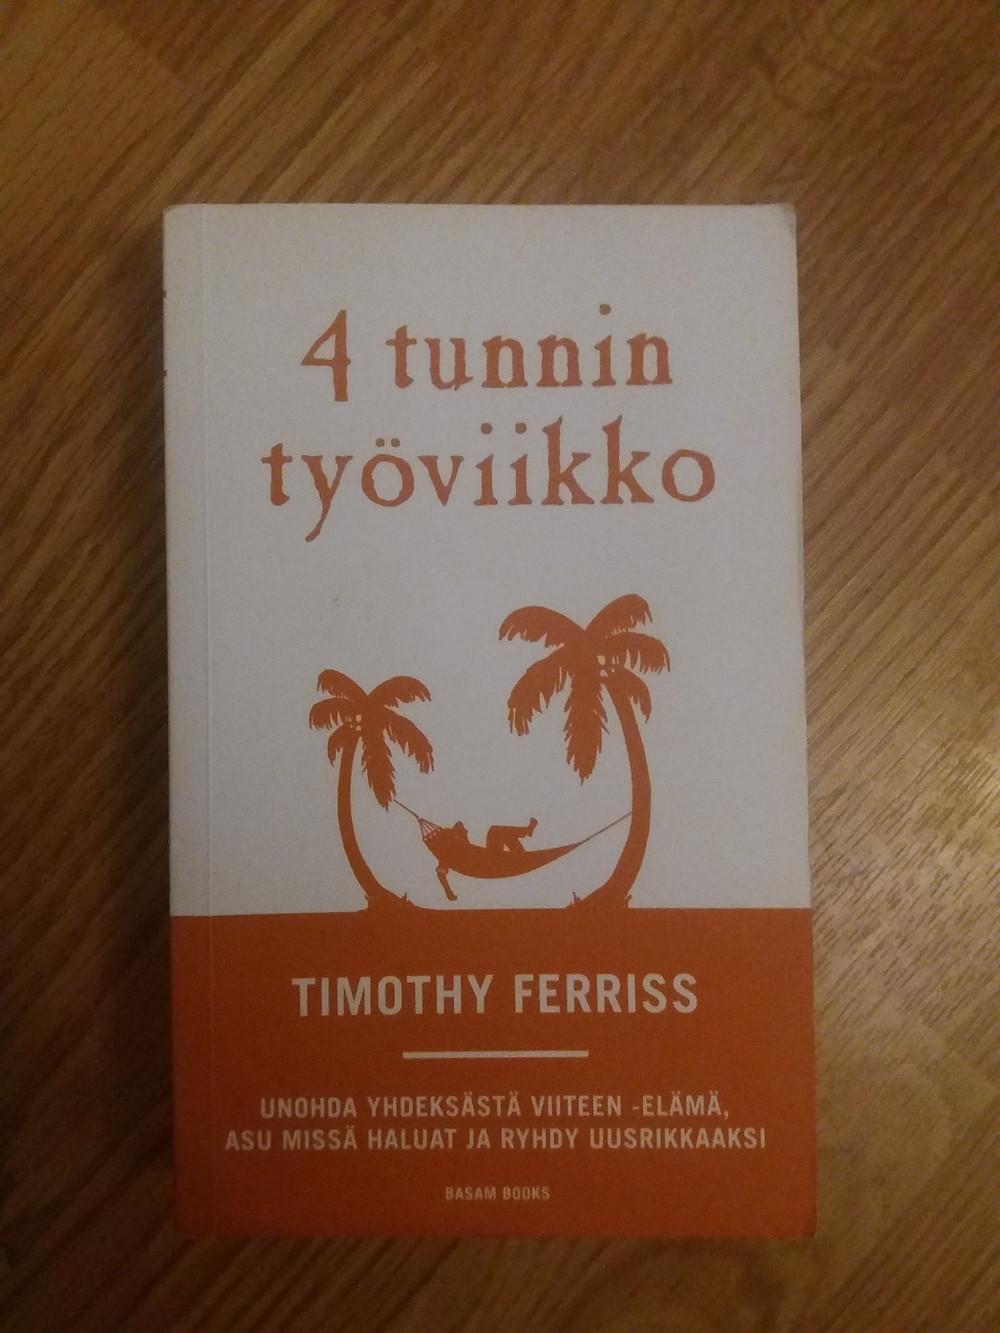 Timothy Ferriss: 4 tunnin työviikko